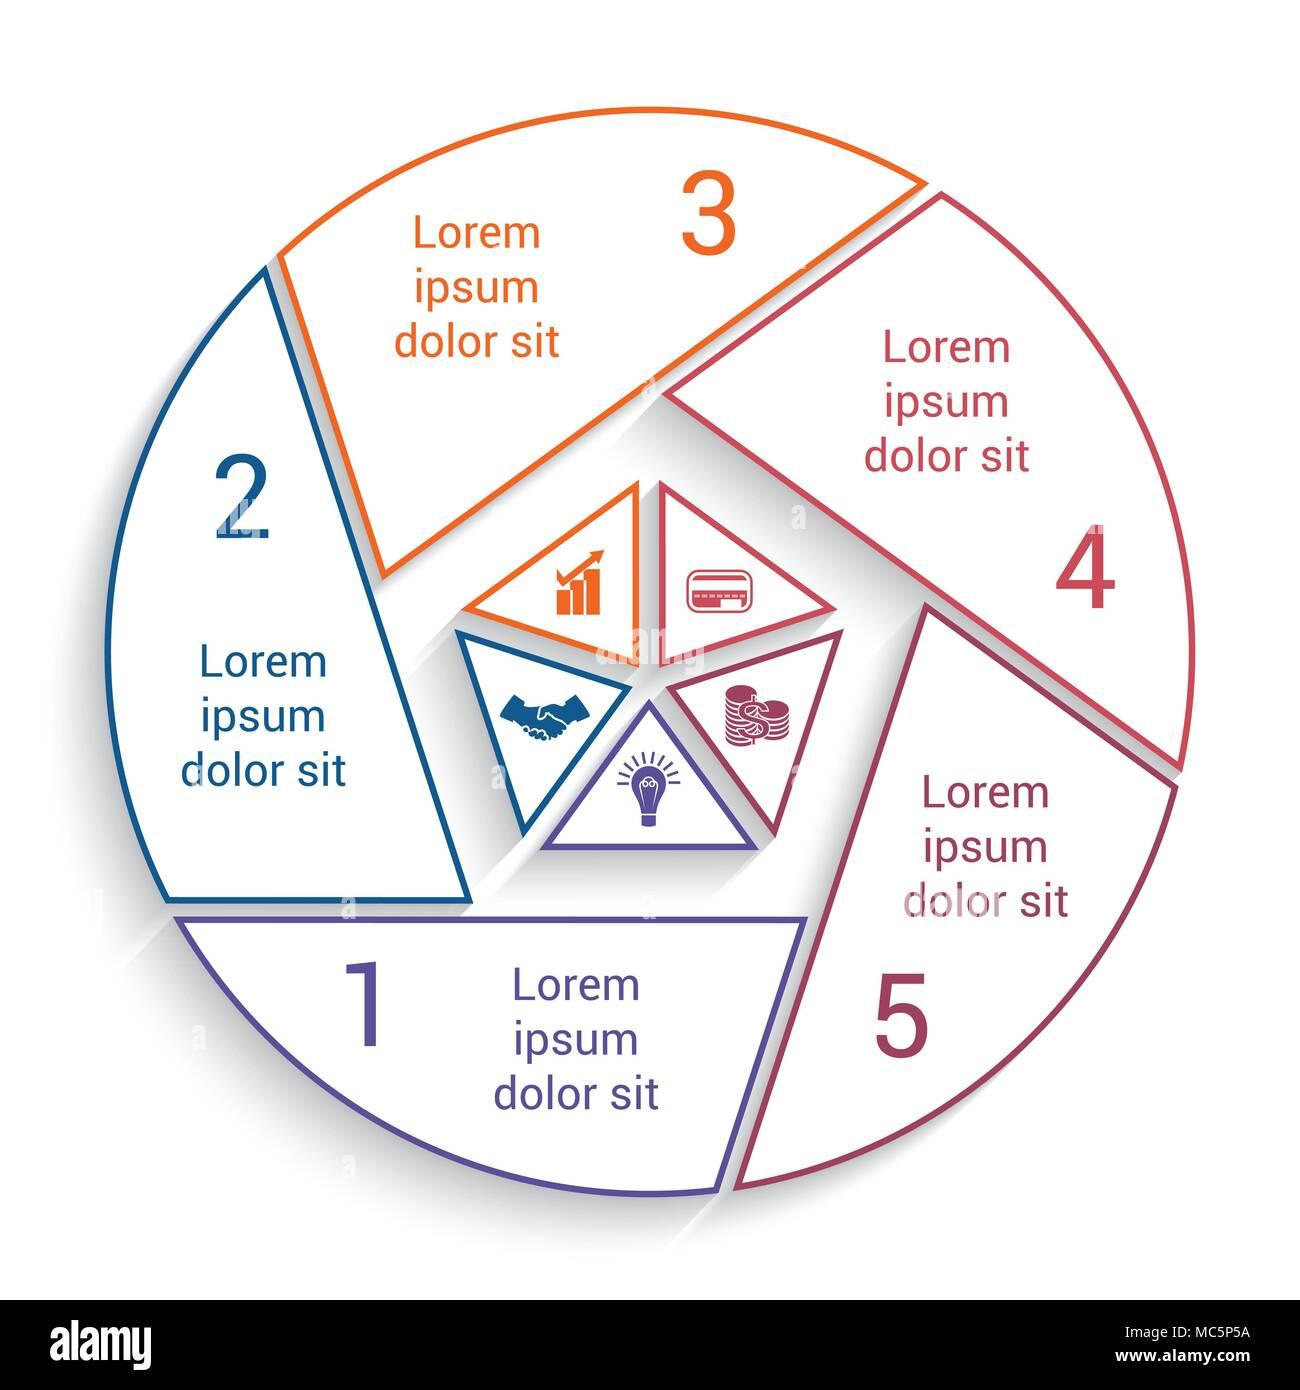 Beste Unternehmensdiagramm Vorlage Fotos - Entry Level Resume ...